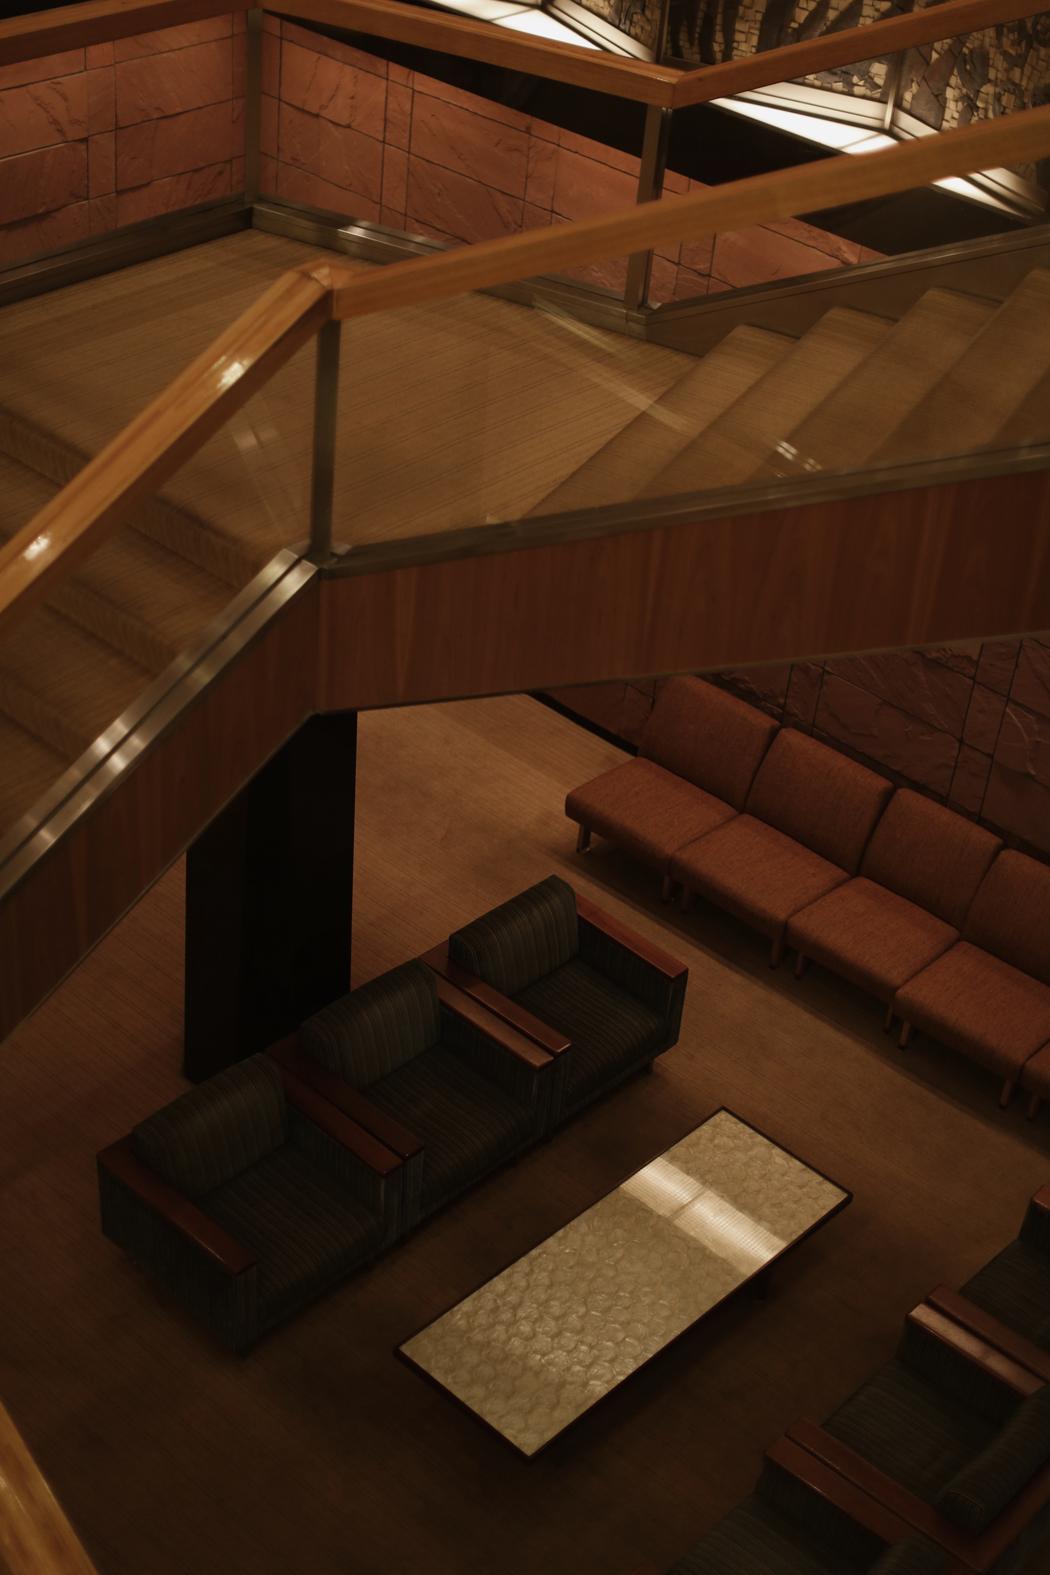 Hotel Okura Tokyo - A Mid-Century Icon in Japan